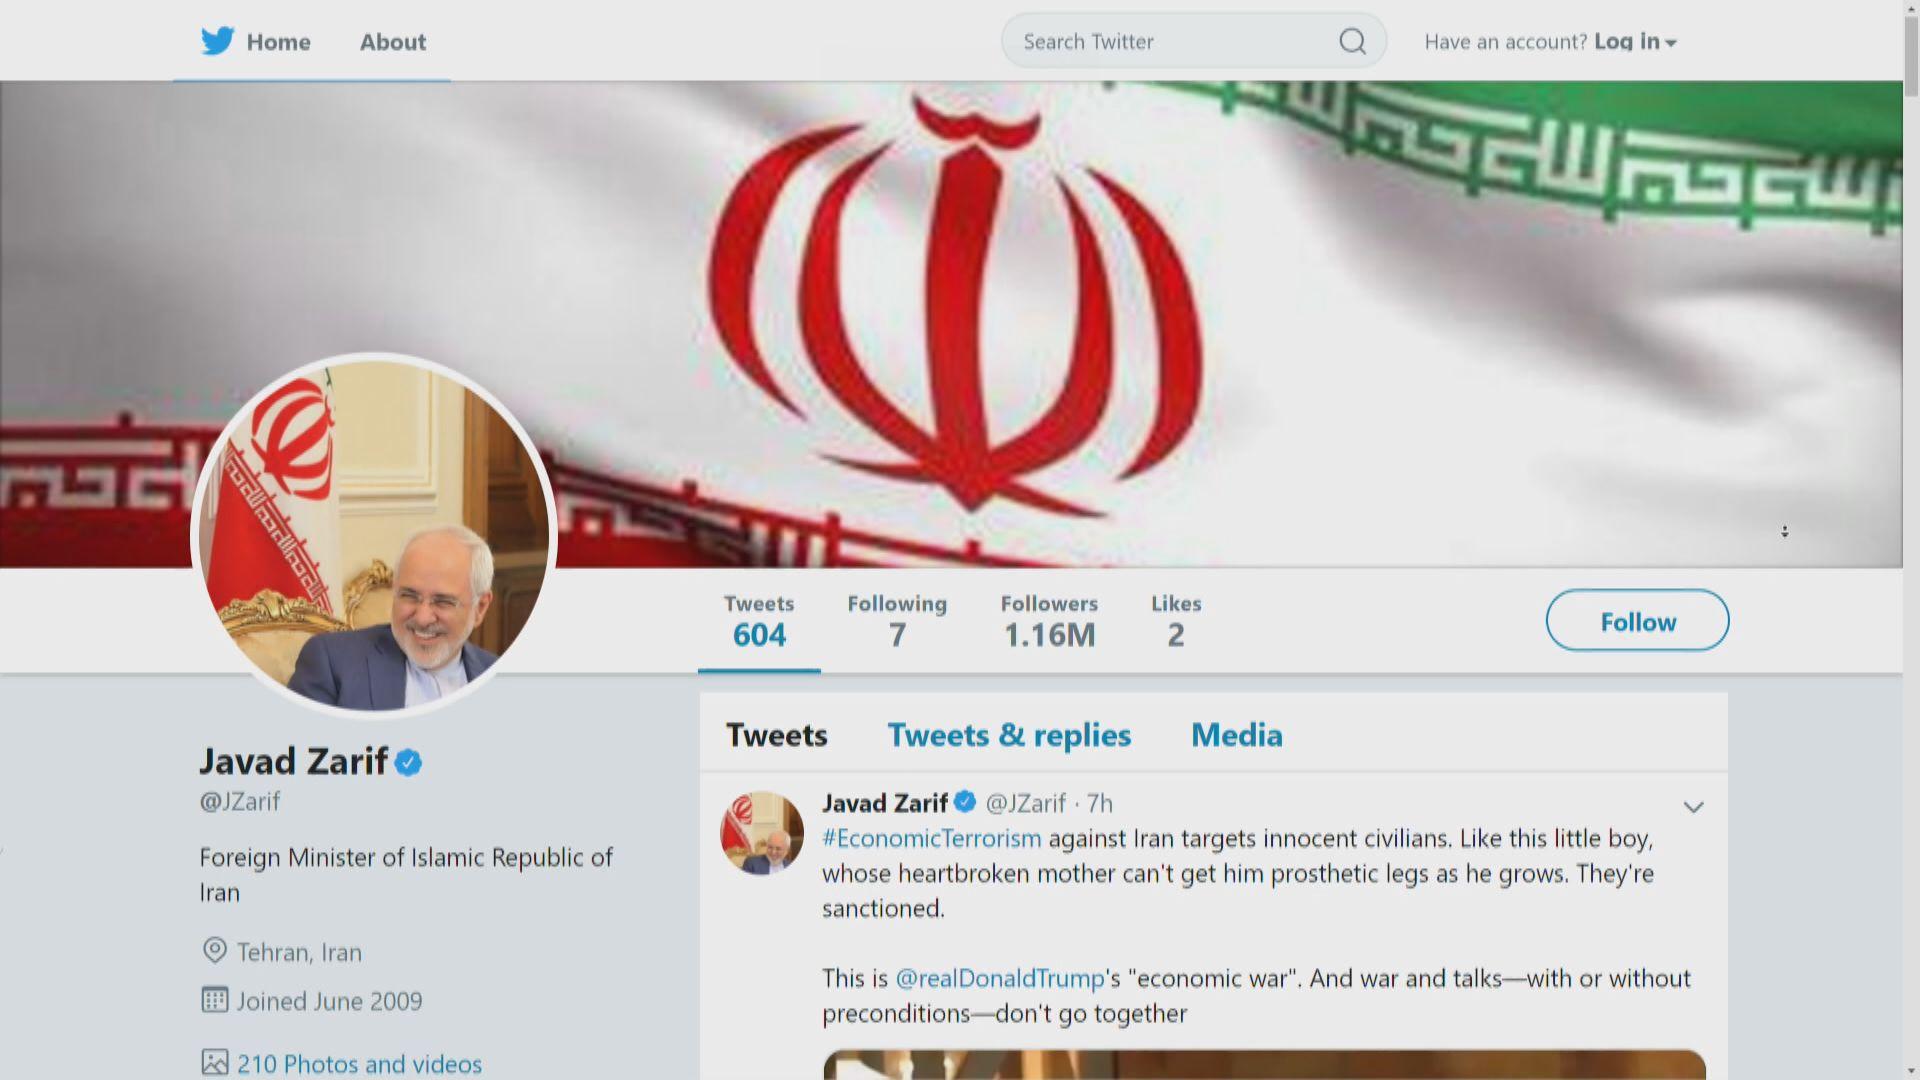 伊外長批美國向伊朗人民發動經濟戰